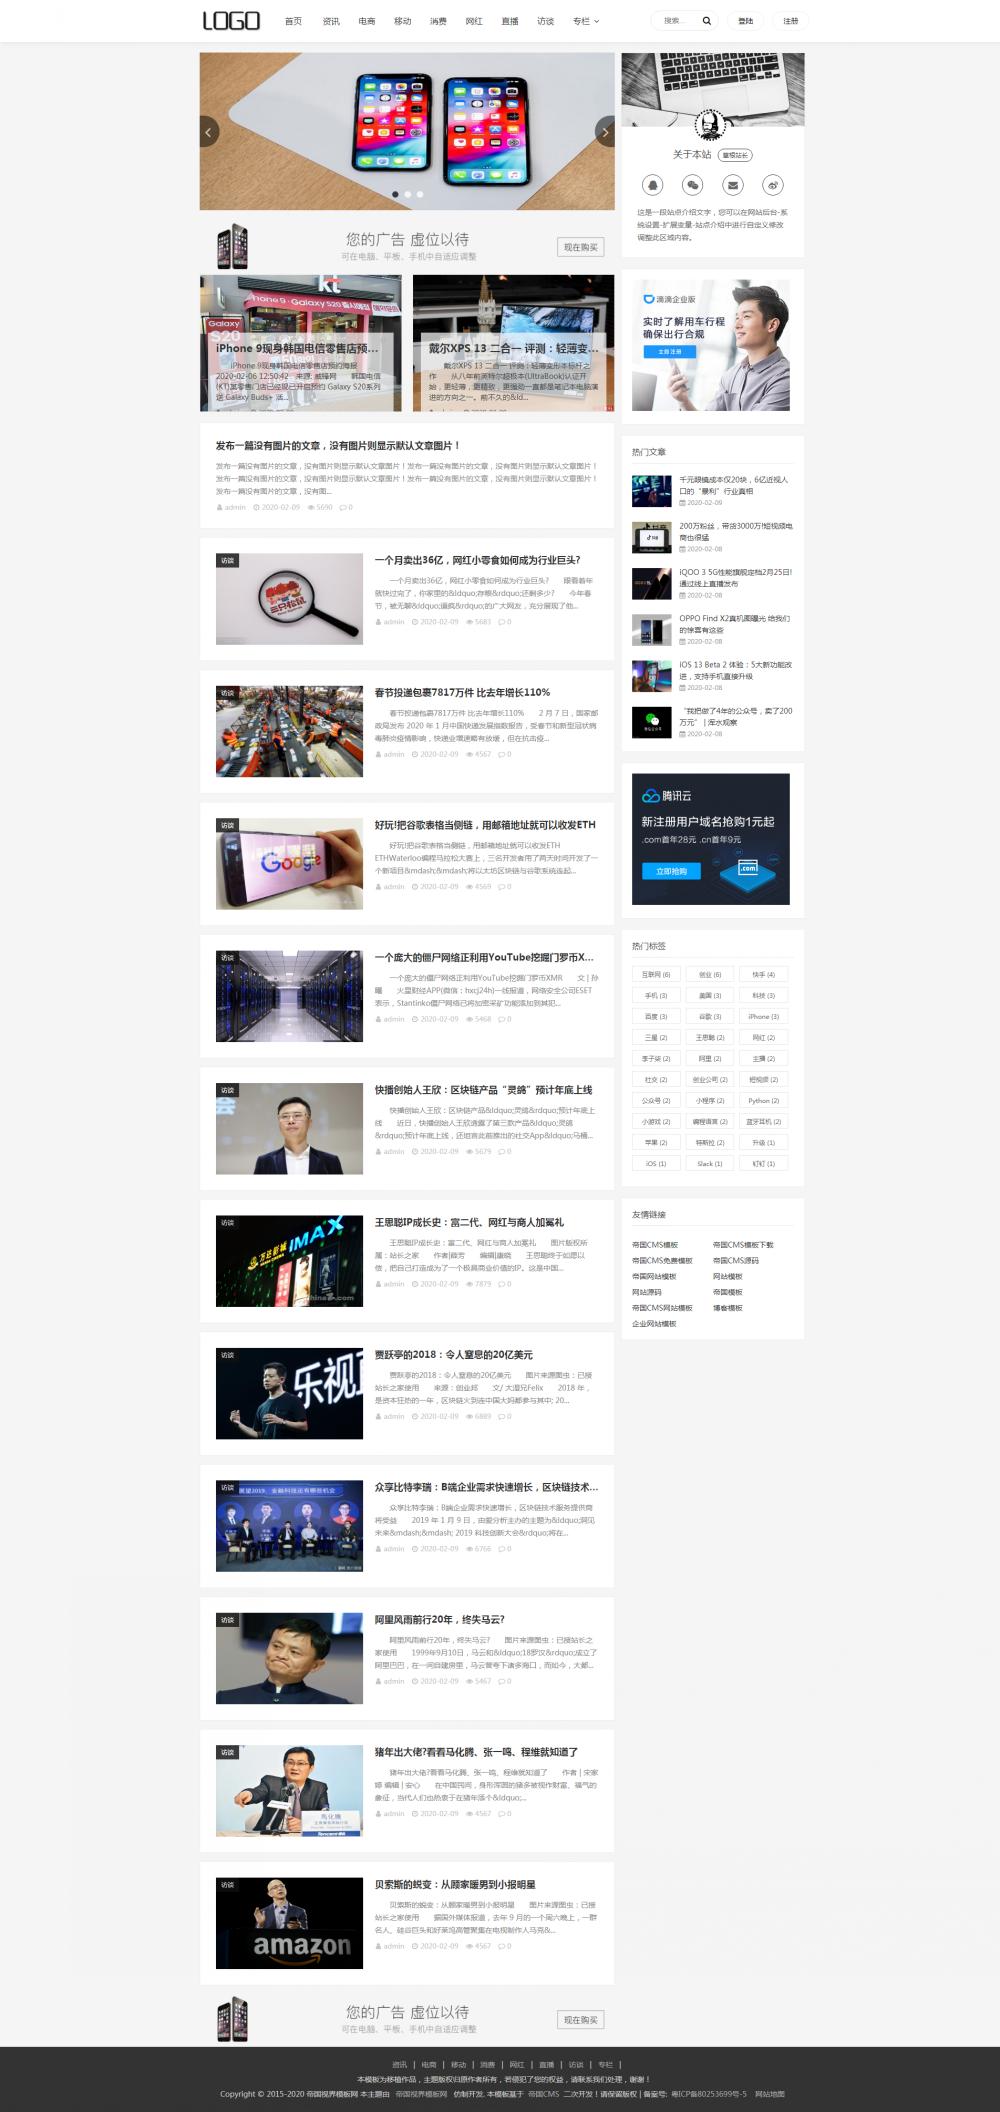 首页.png [DG-069]HTML5个人博客新闻帝国CMS整站模板自适应手机(带会员中心) 博客文章 第1张